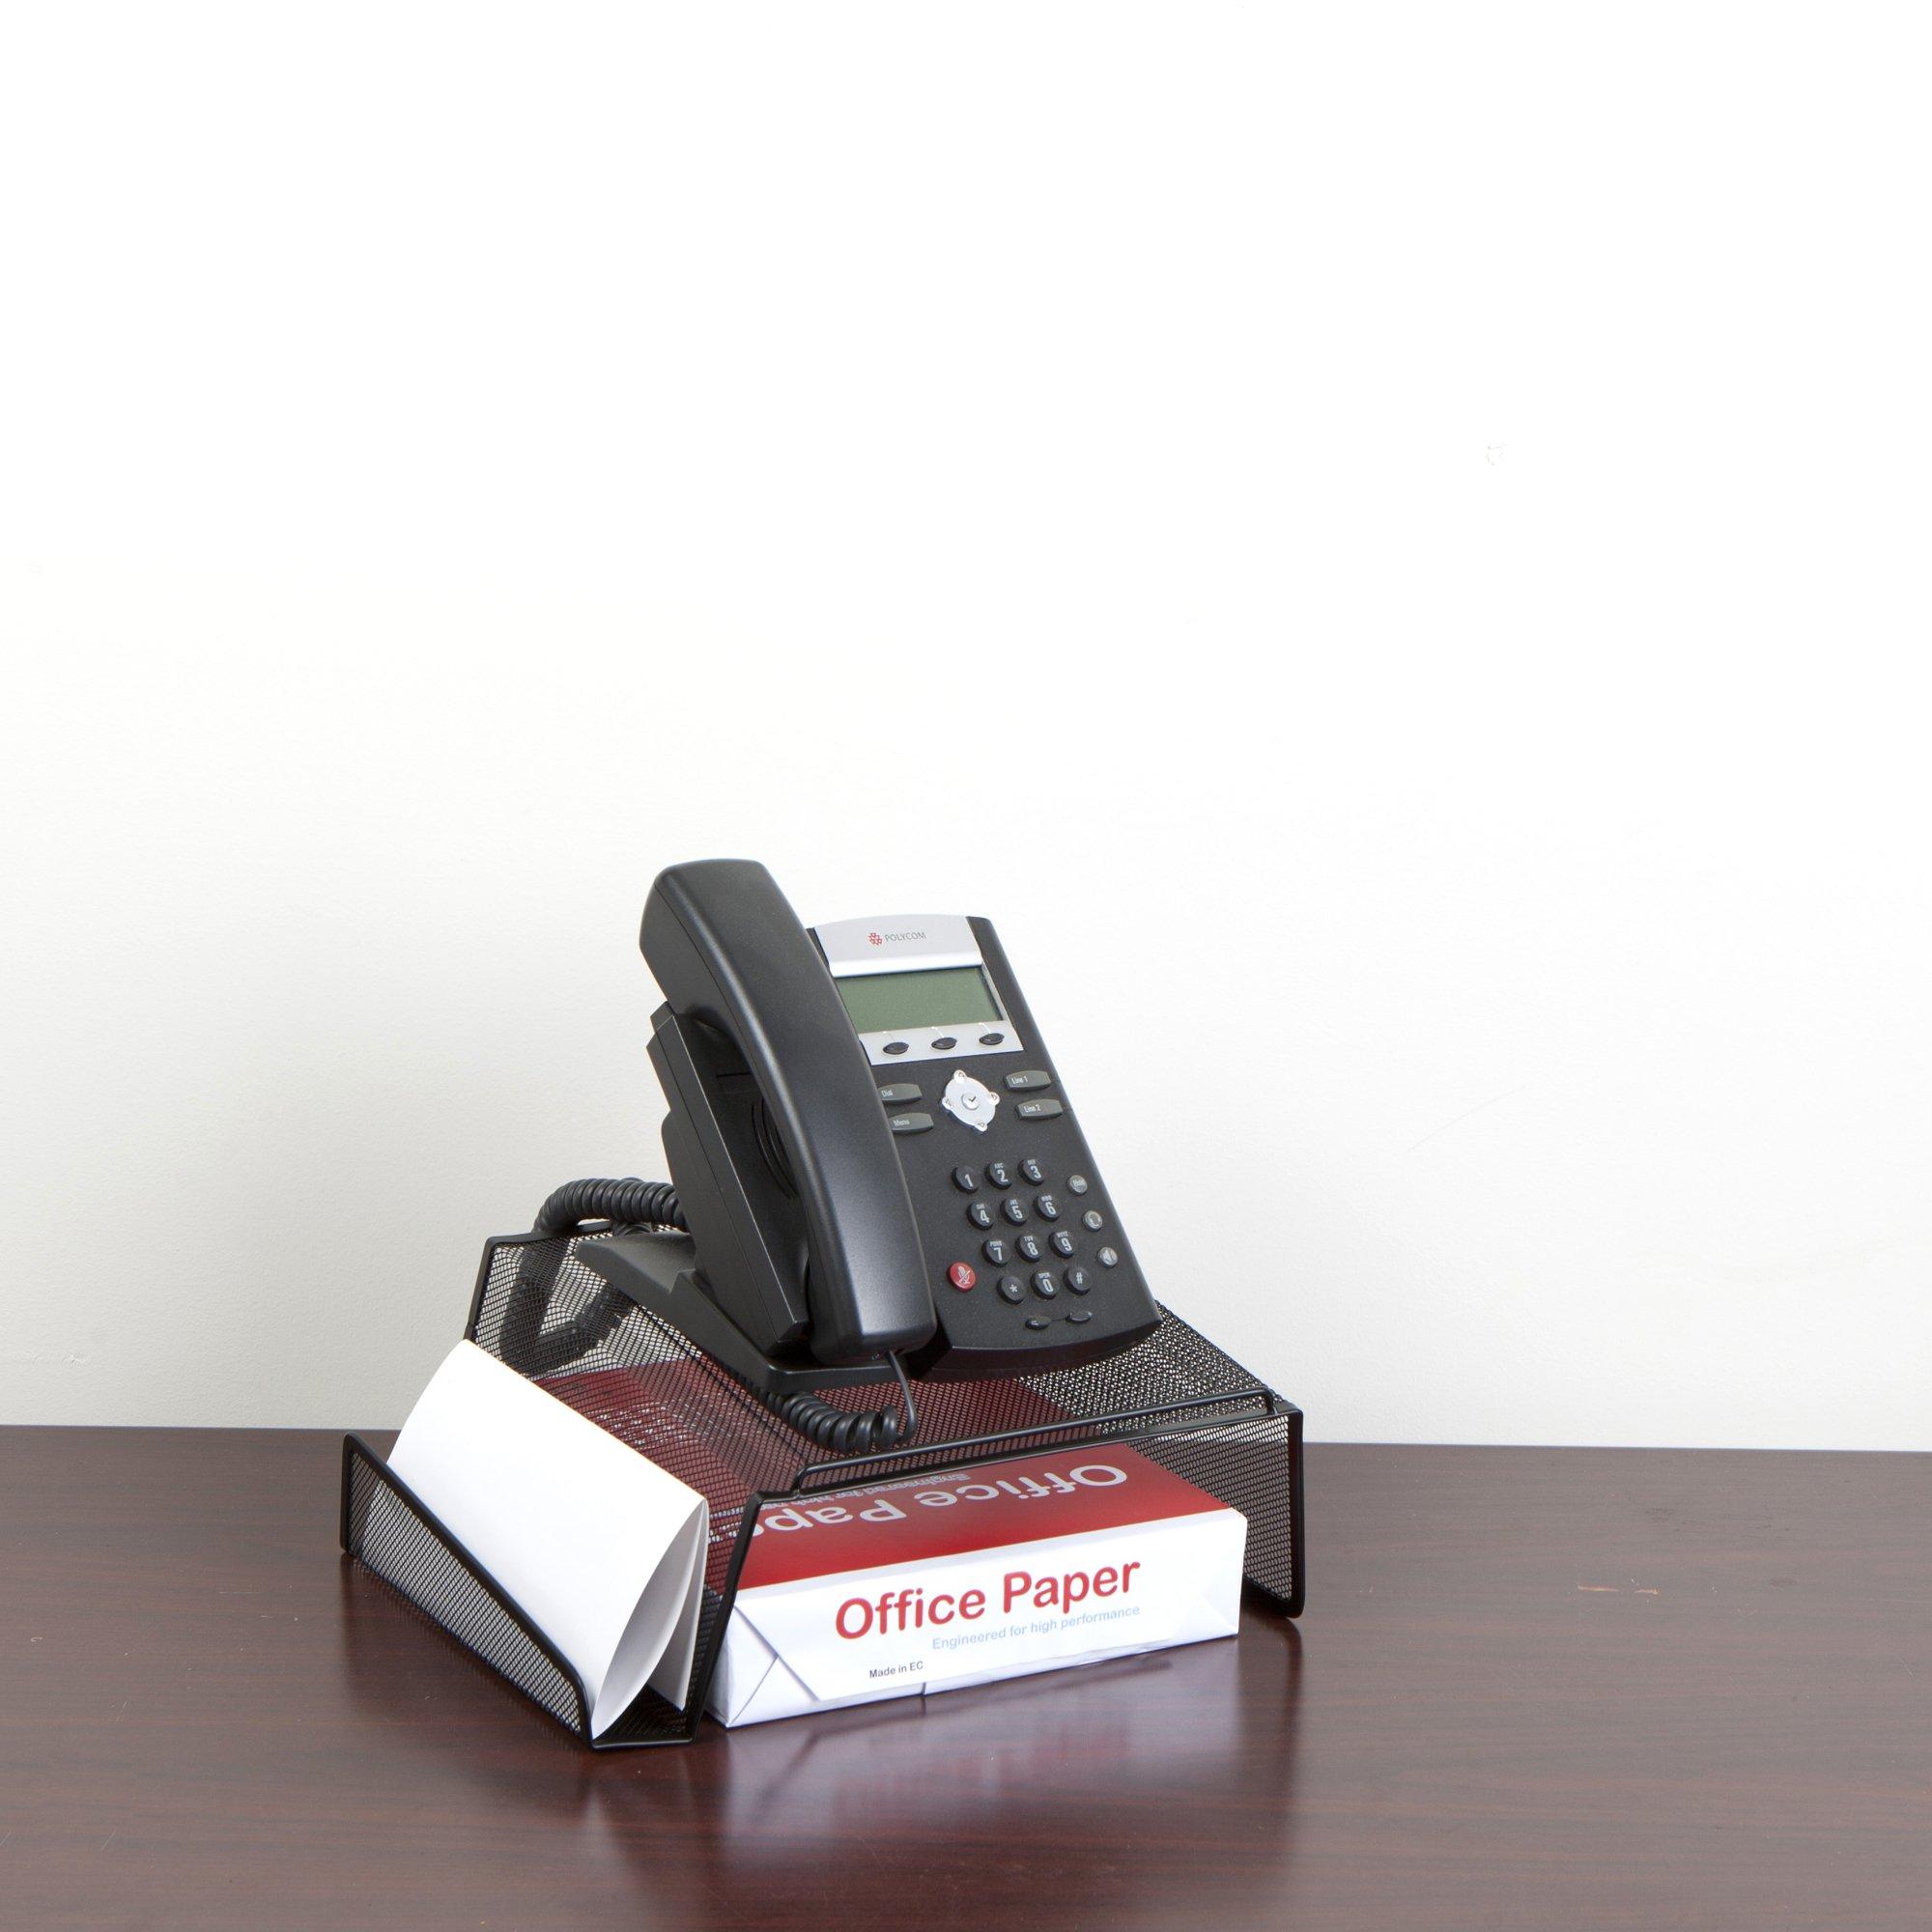 Mind Reader Metal Desktop Phone Stand, 2 Pack, Black by Mind Reader (Image #2)